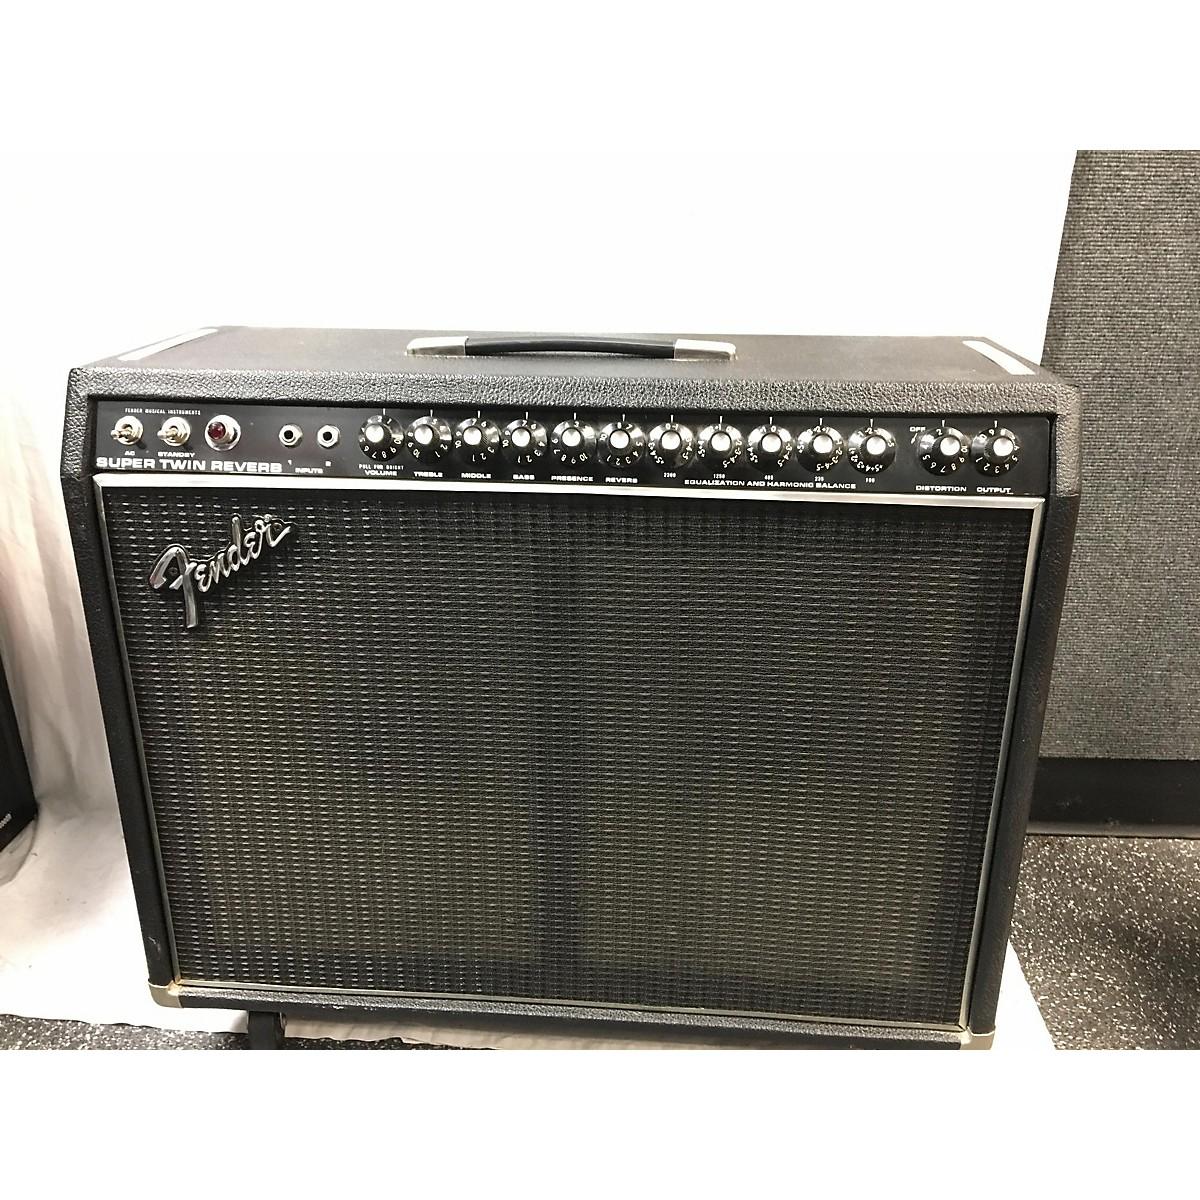 Fender 1980 Super Twin Reveb Tube Guitar Combo Amp